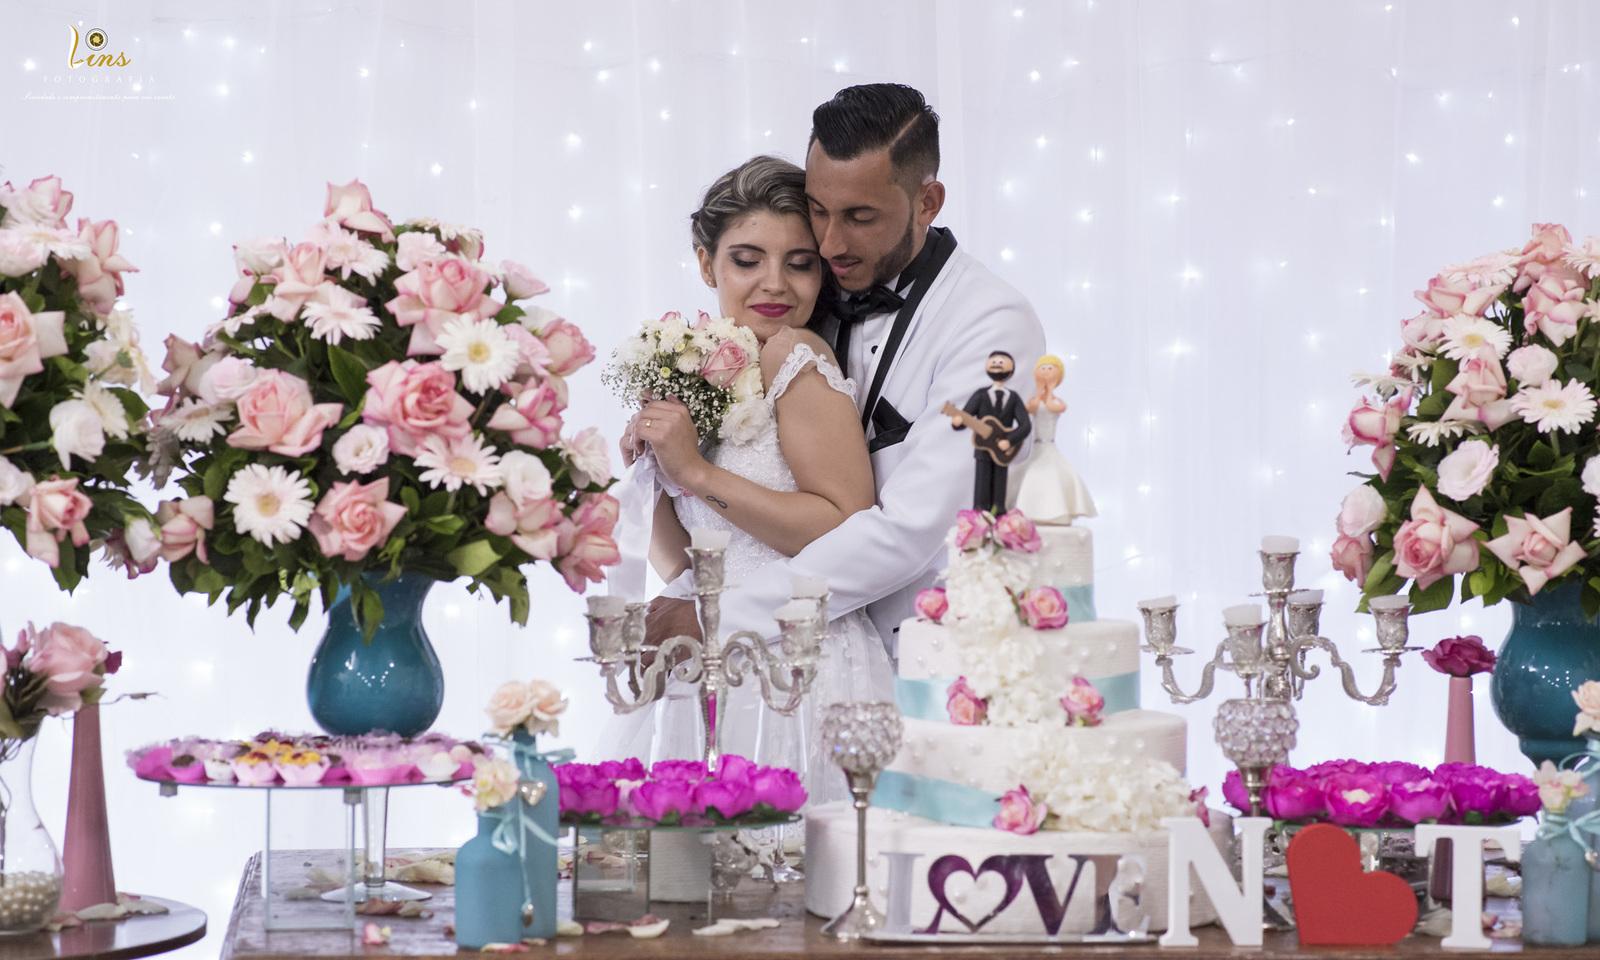 casamento de Thiago e Nayara em Guarulhos - SP